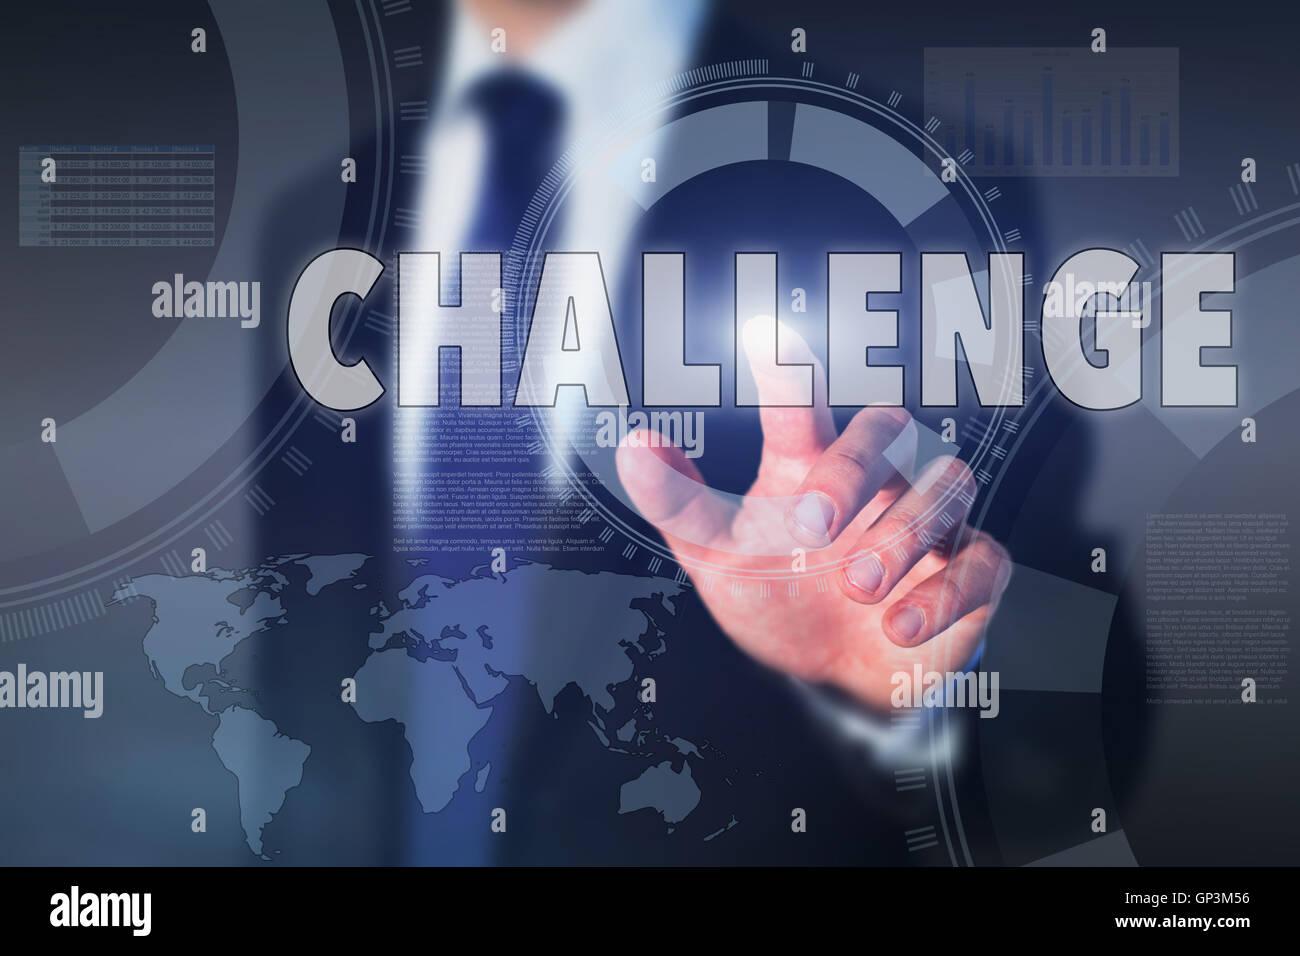 Concetto di sfida, uomo d affari di toccare la parola sul touchscreen Immagini Stock